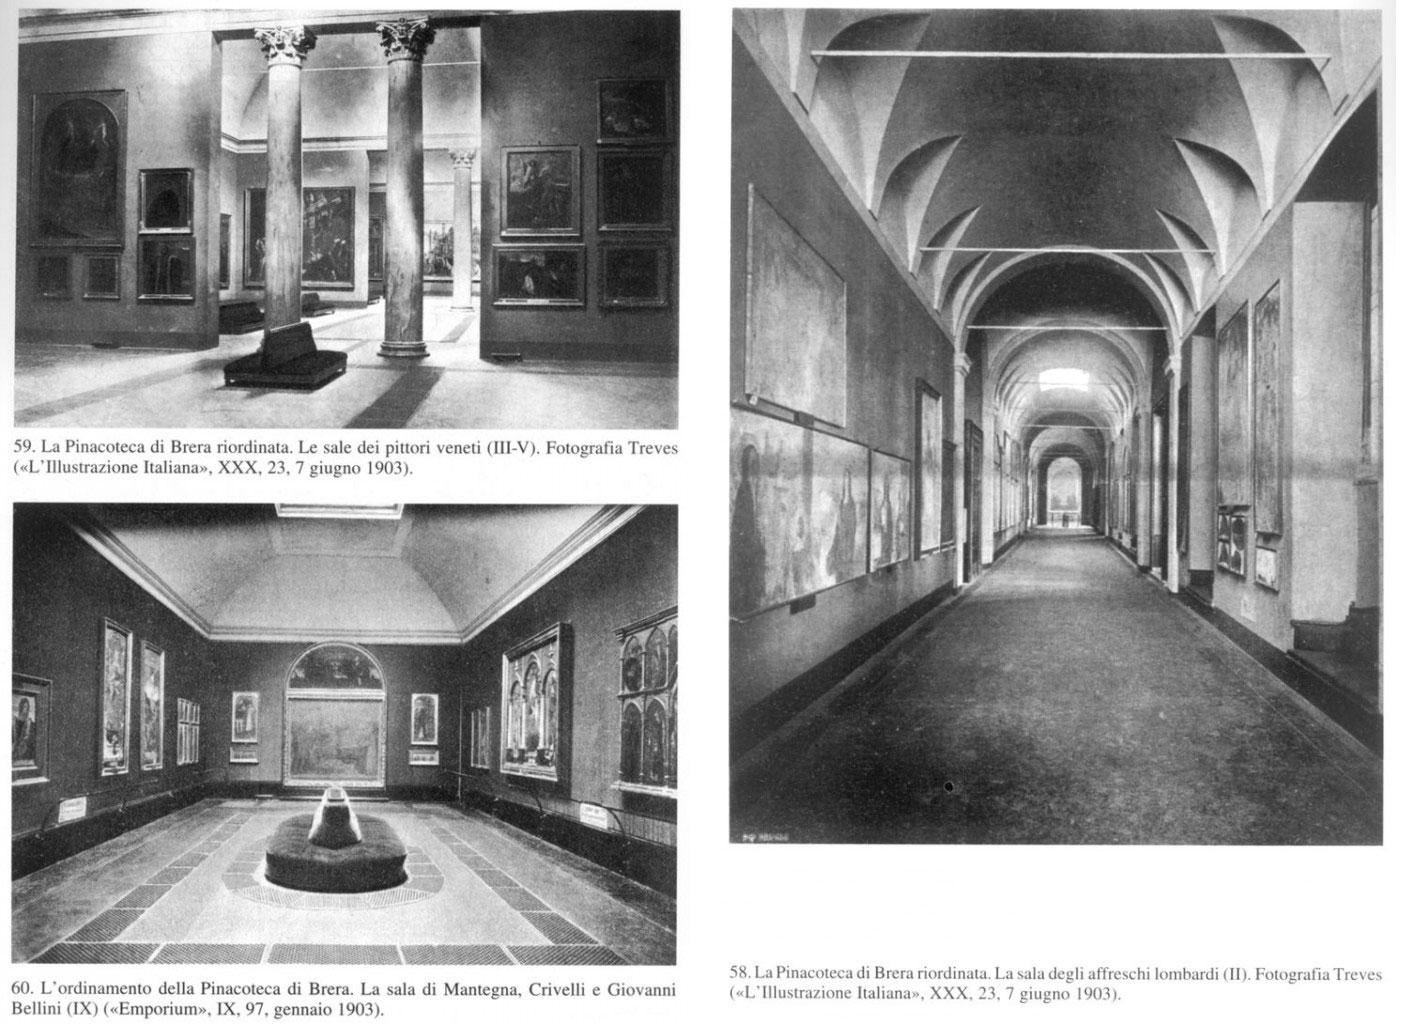 Brera riordinata: a sinistra in alto le sale dei pittori veneti, sotto la sala di Mantegna, Crivelli e Giovanni Bellini. A destra la sala degli affreschi lombardi, 7 giugno 1903